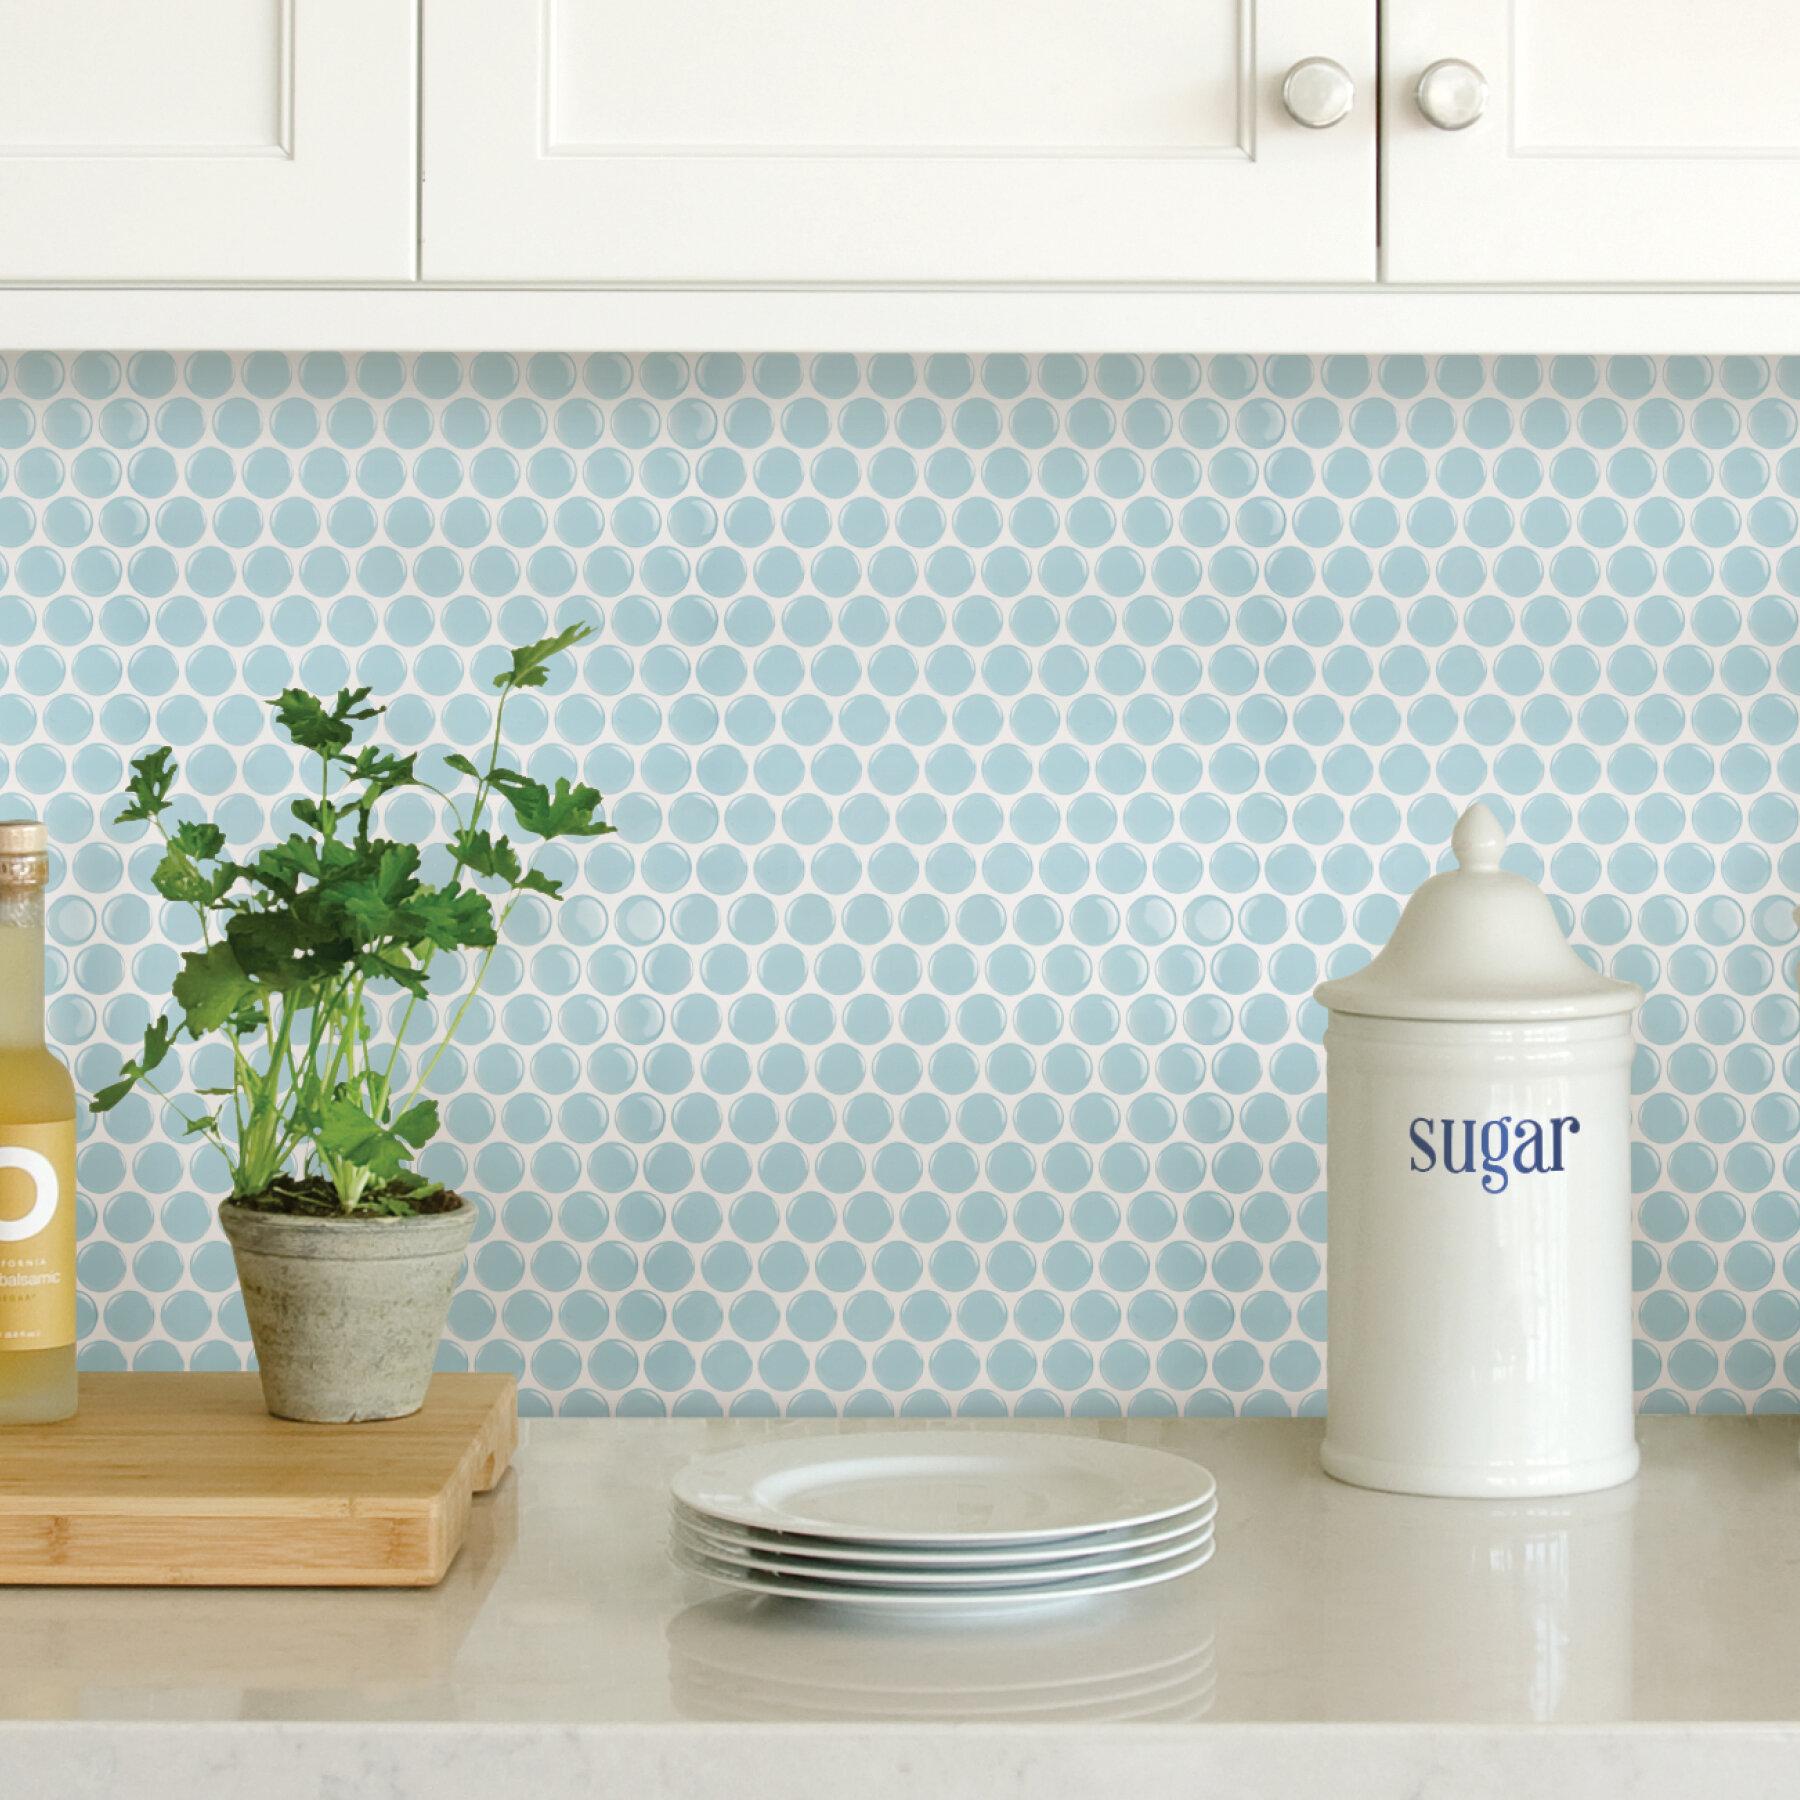 12x12 1 Sheet, White Marble Peel and Stick Backsplash Subway Carrara Marble Tile Wall Back Splashes for Kitchen Bathroom Shower House Backsplashes